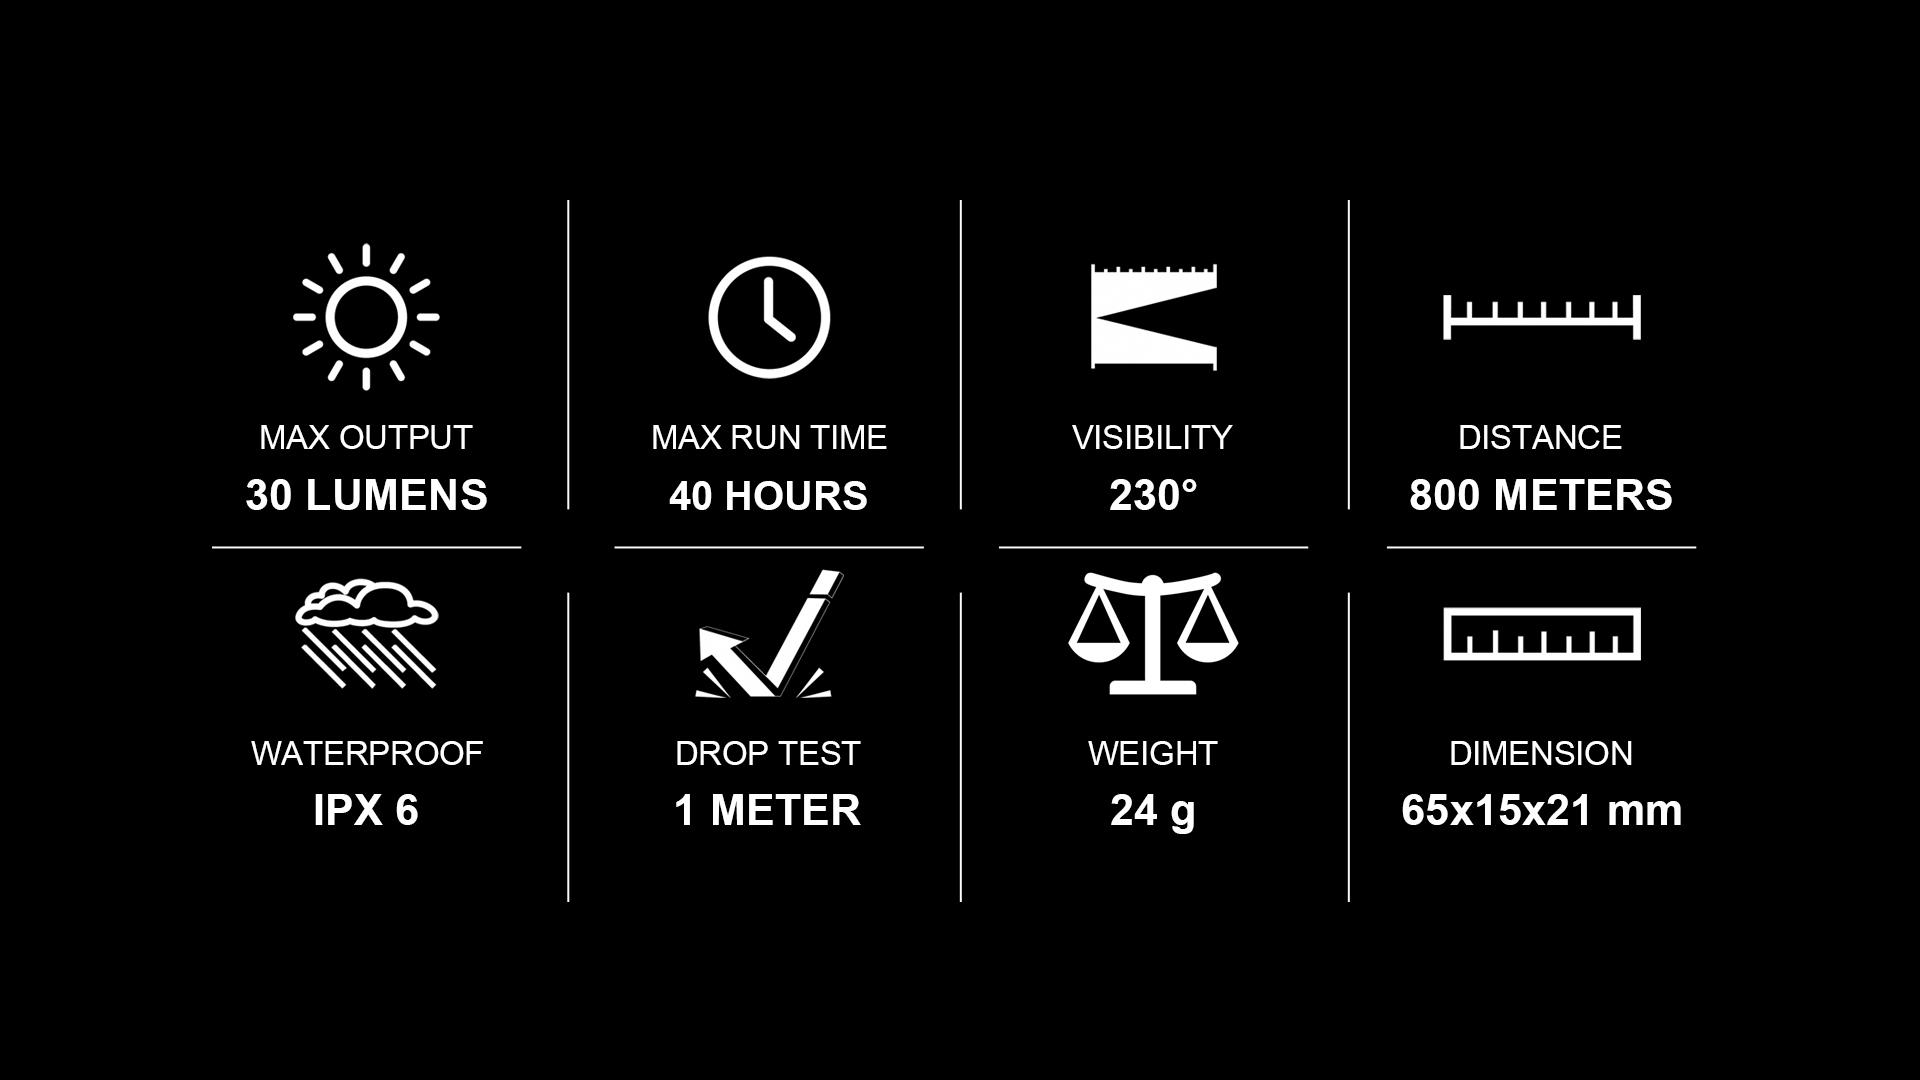 Seemee 30 TL Rear Bike Light Details